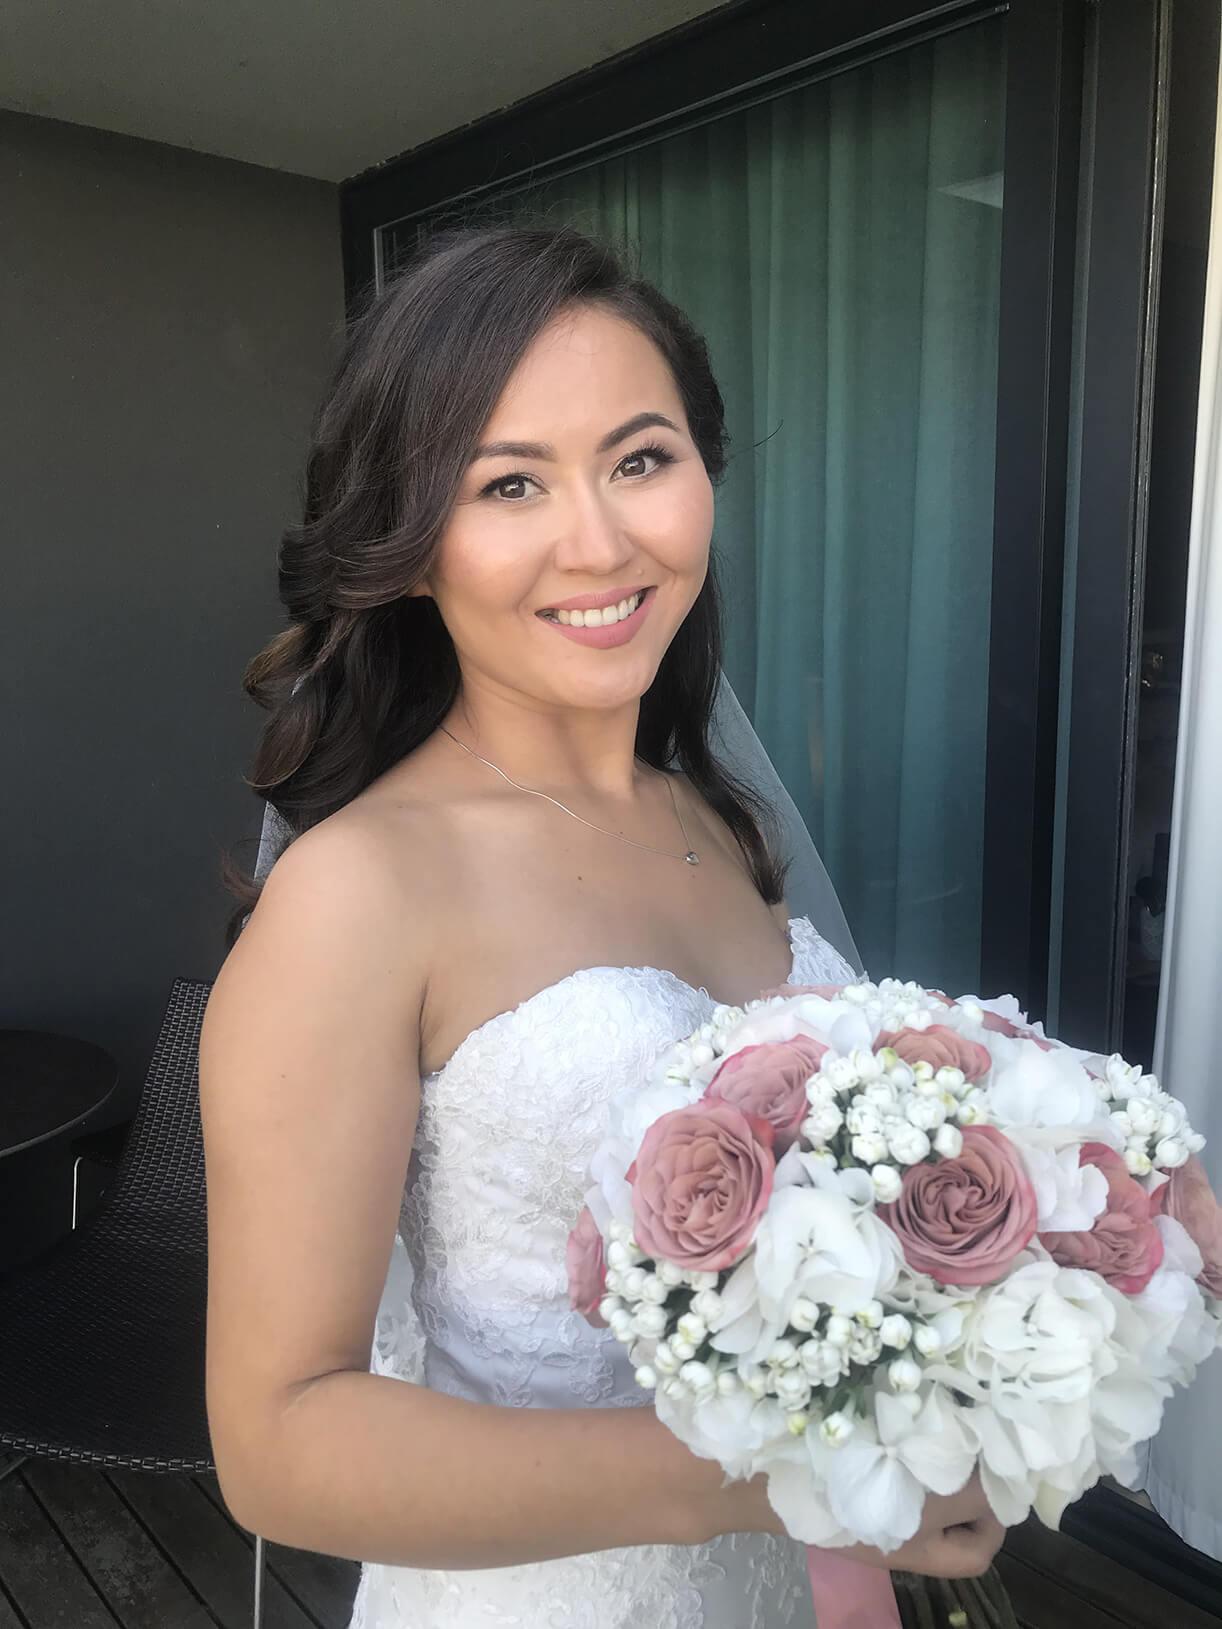 Невеста в свадебном образе на балконе номера в отеле